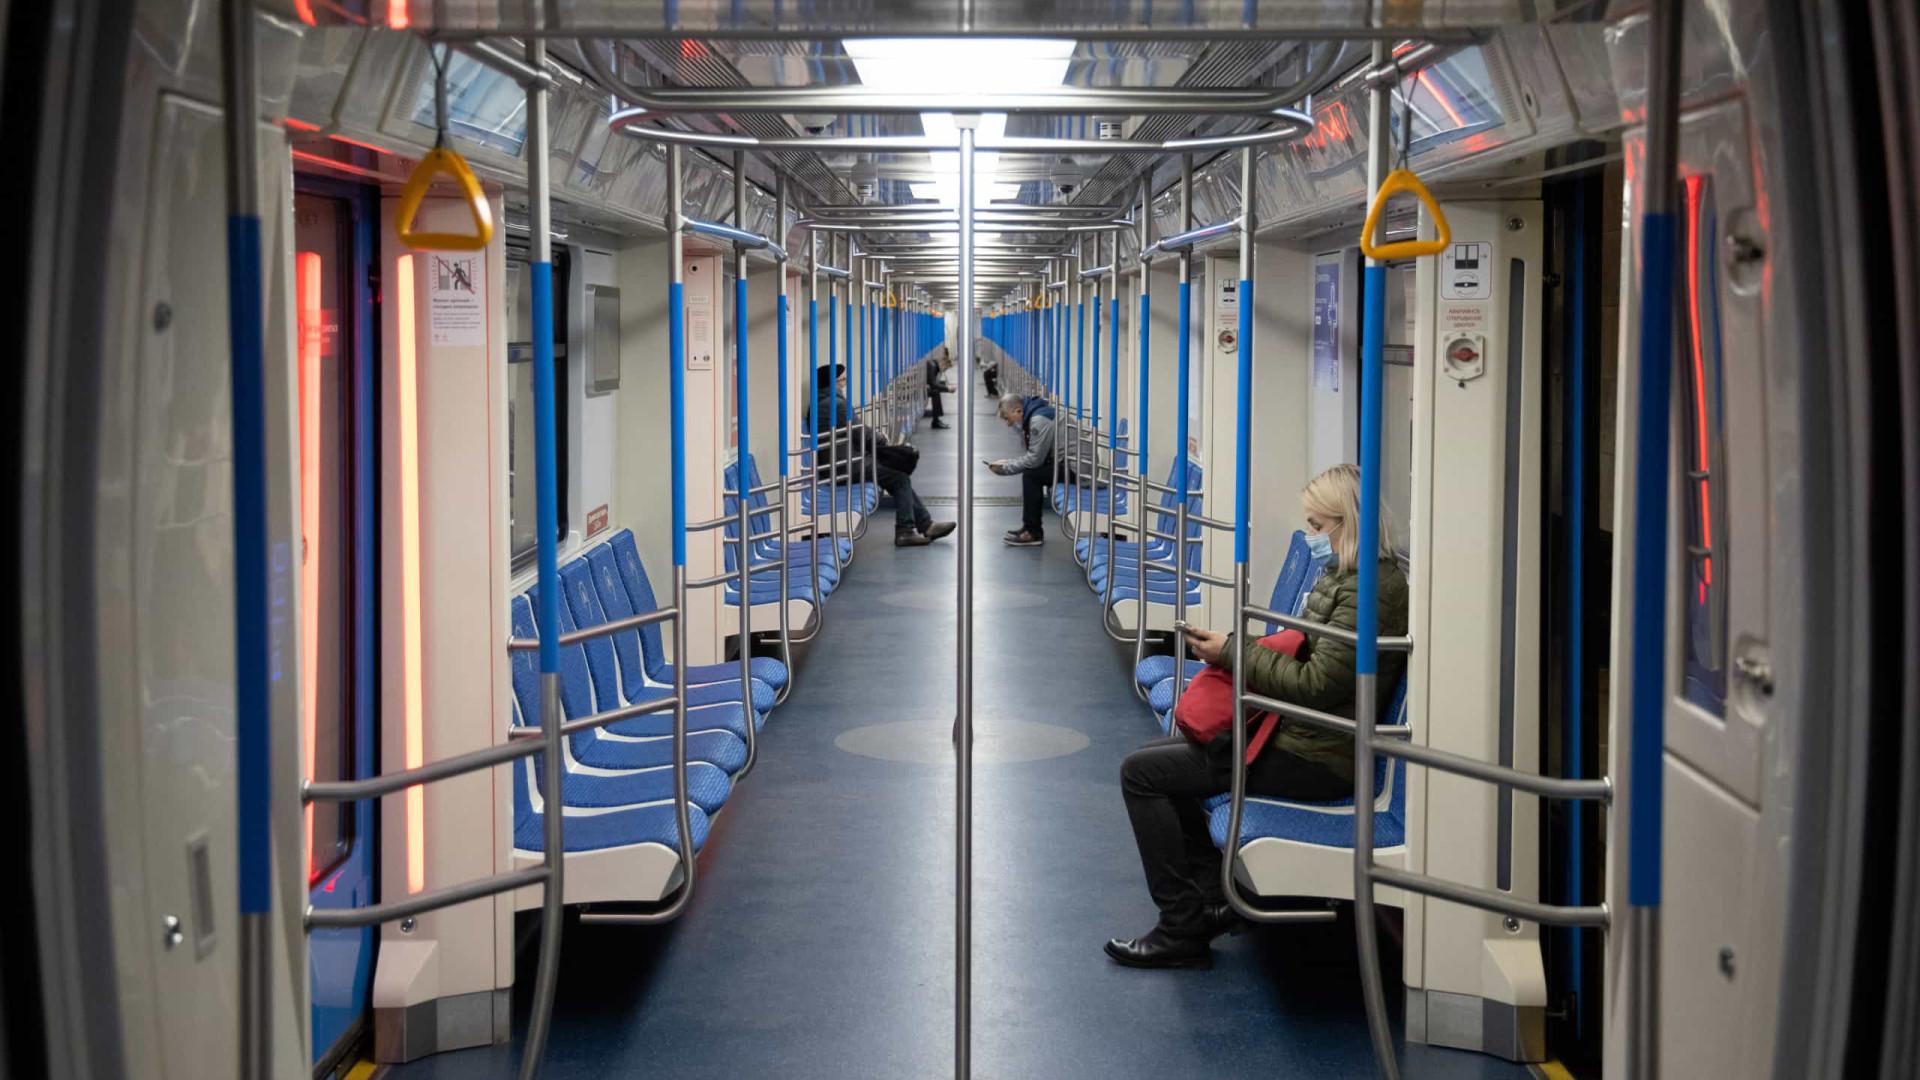 Moscovo volta a confinar. Transportes vazios e ruas 'às moscas'